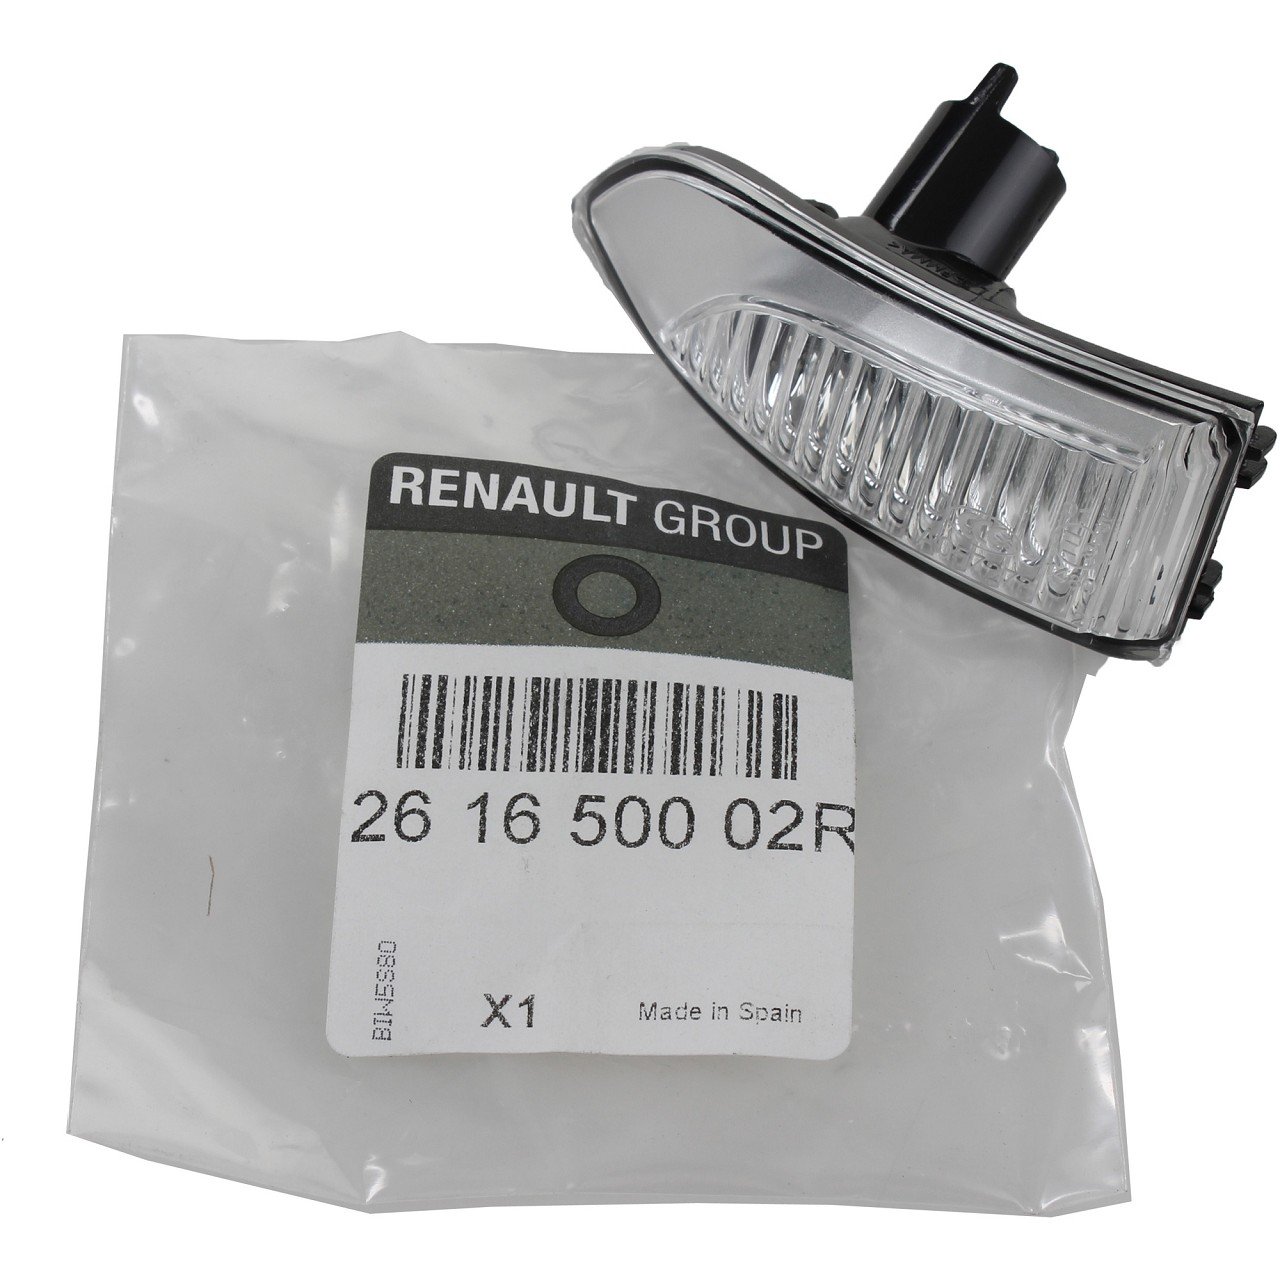 ORIGINAL Renault Lichtscheibe Außenspiegel Blinker Laguna III links 261650002R